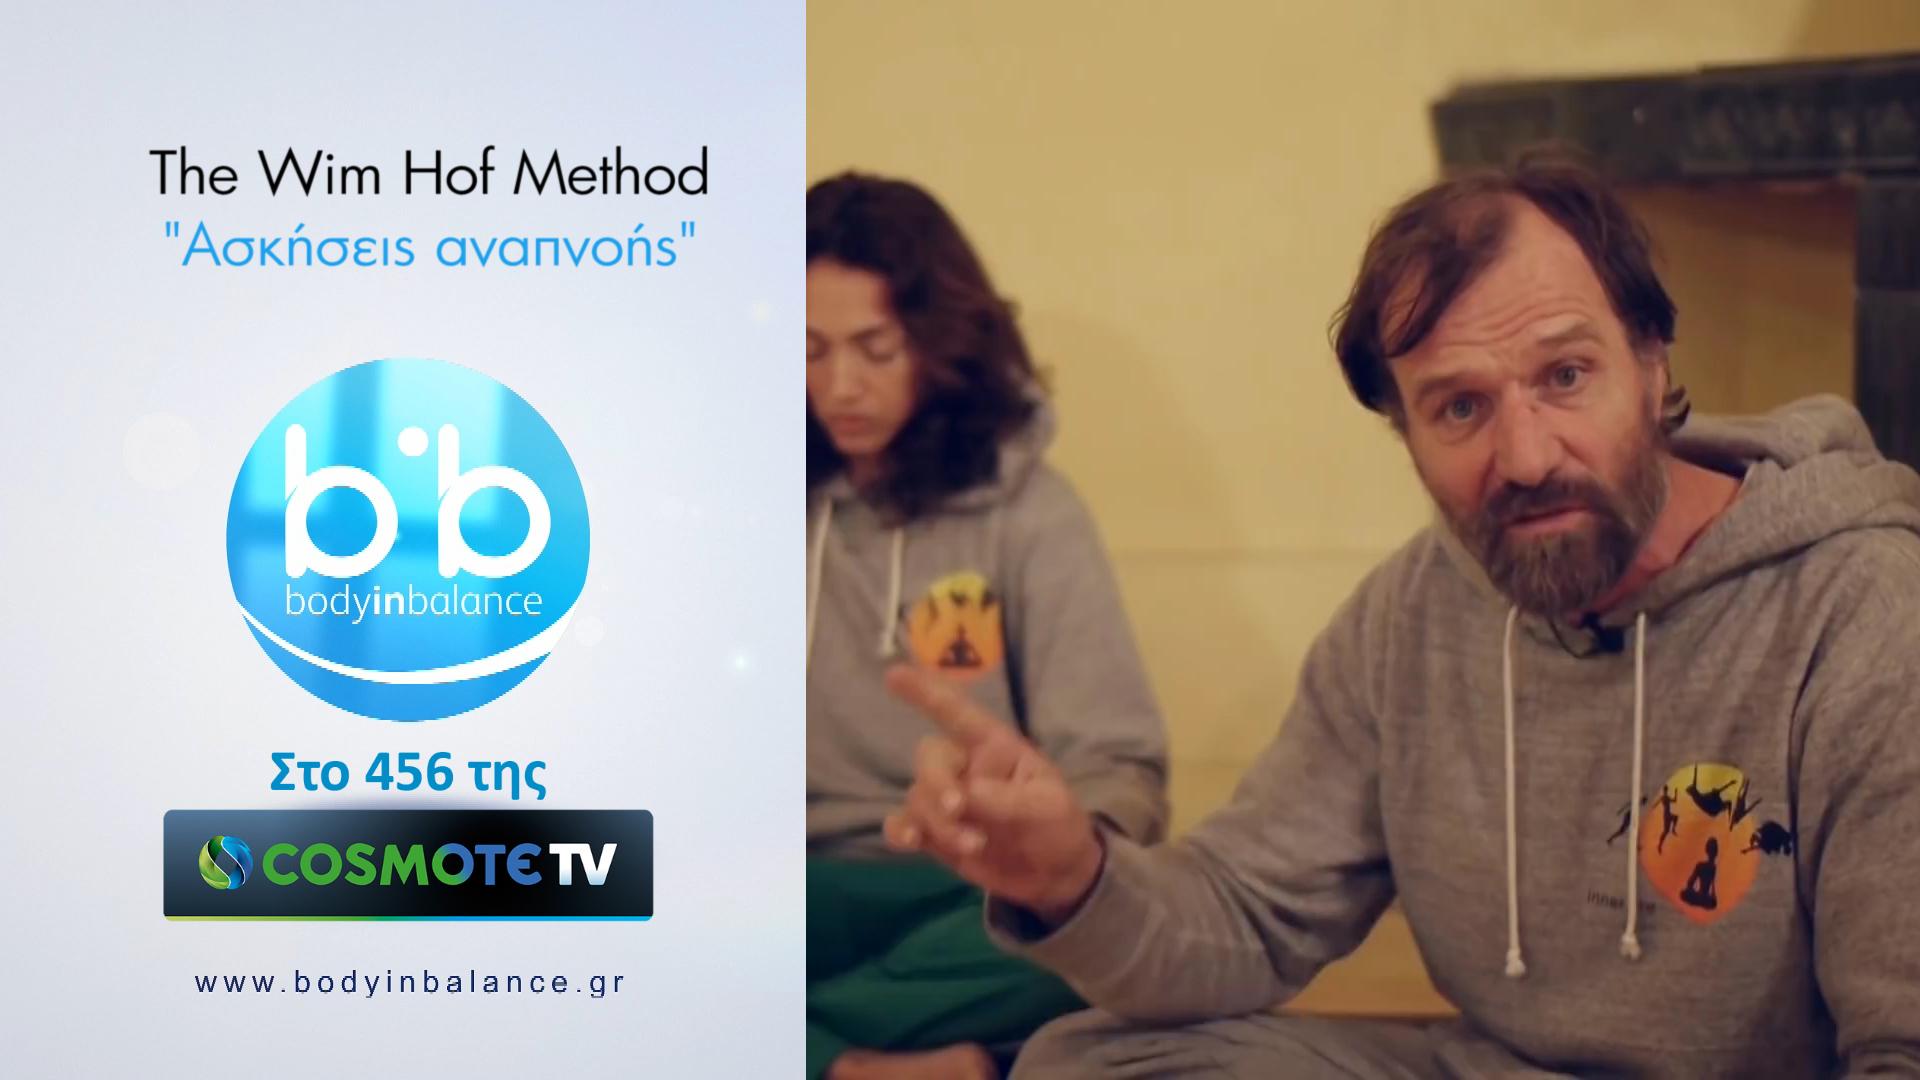 Ο Wim Hof σε αυτό το βίντεο μας δείχνει πως να έχουμε περισσότερη ενέργεια και μας δείχνει ότι μπορούμε να κάνουμε περισσότερα push ups μόνο με την απλή άσκηση αναπνοής.